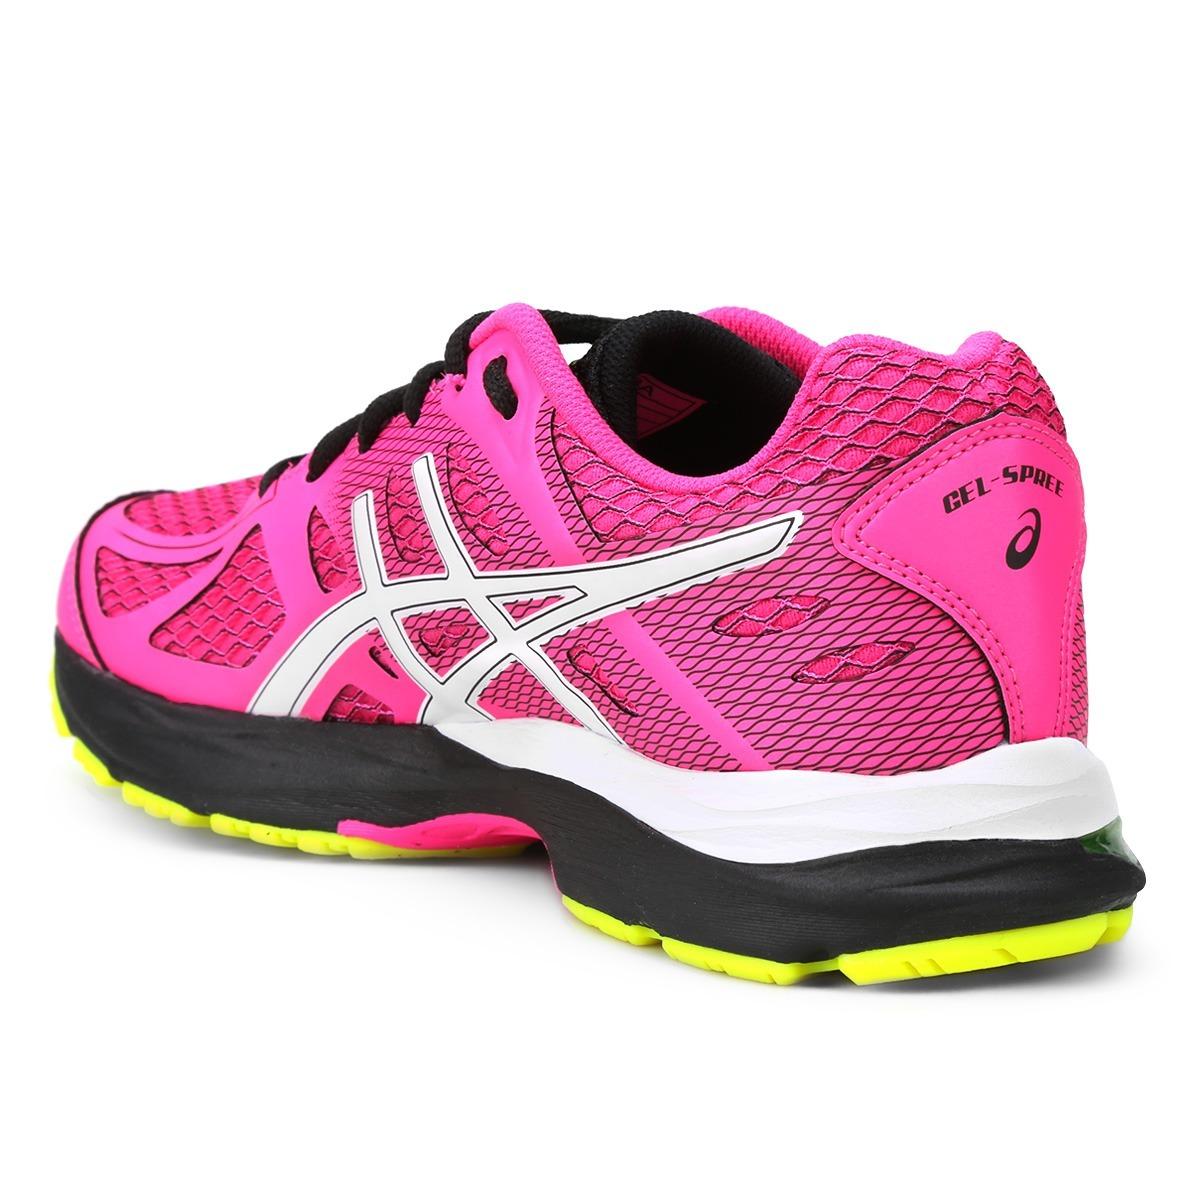 tênis asics gel spree feminino - pink e branco - original. Carregando  zoom... tênis asics feminino. Carregando zoom. 52ad74a9f6154